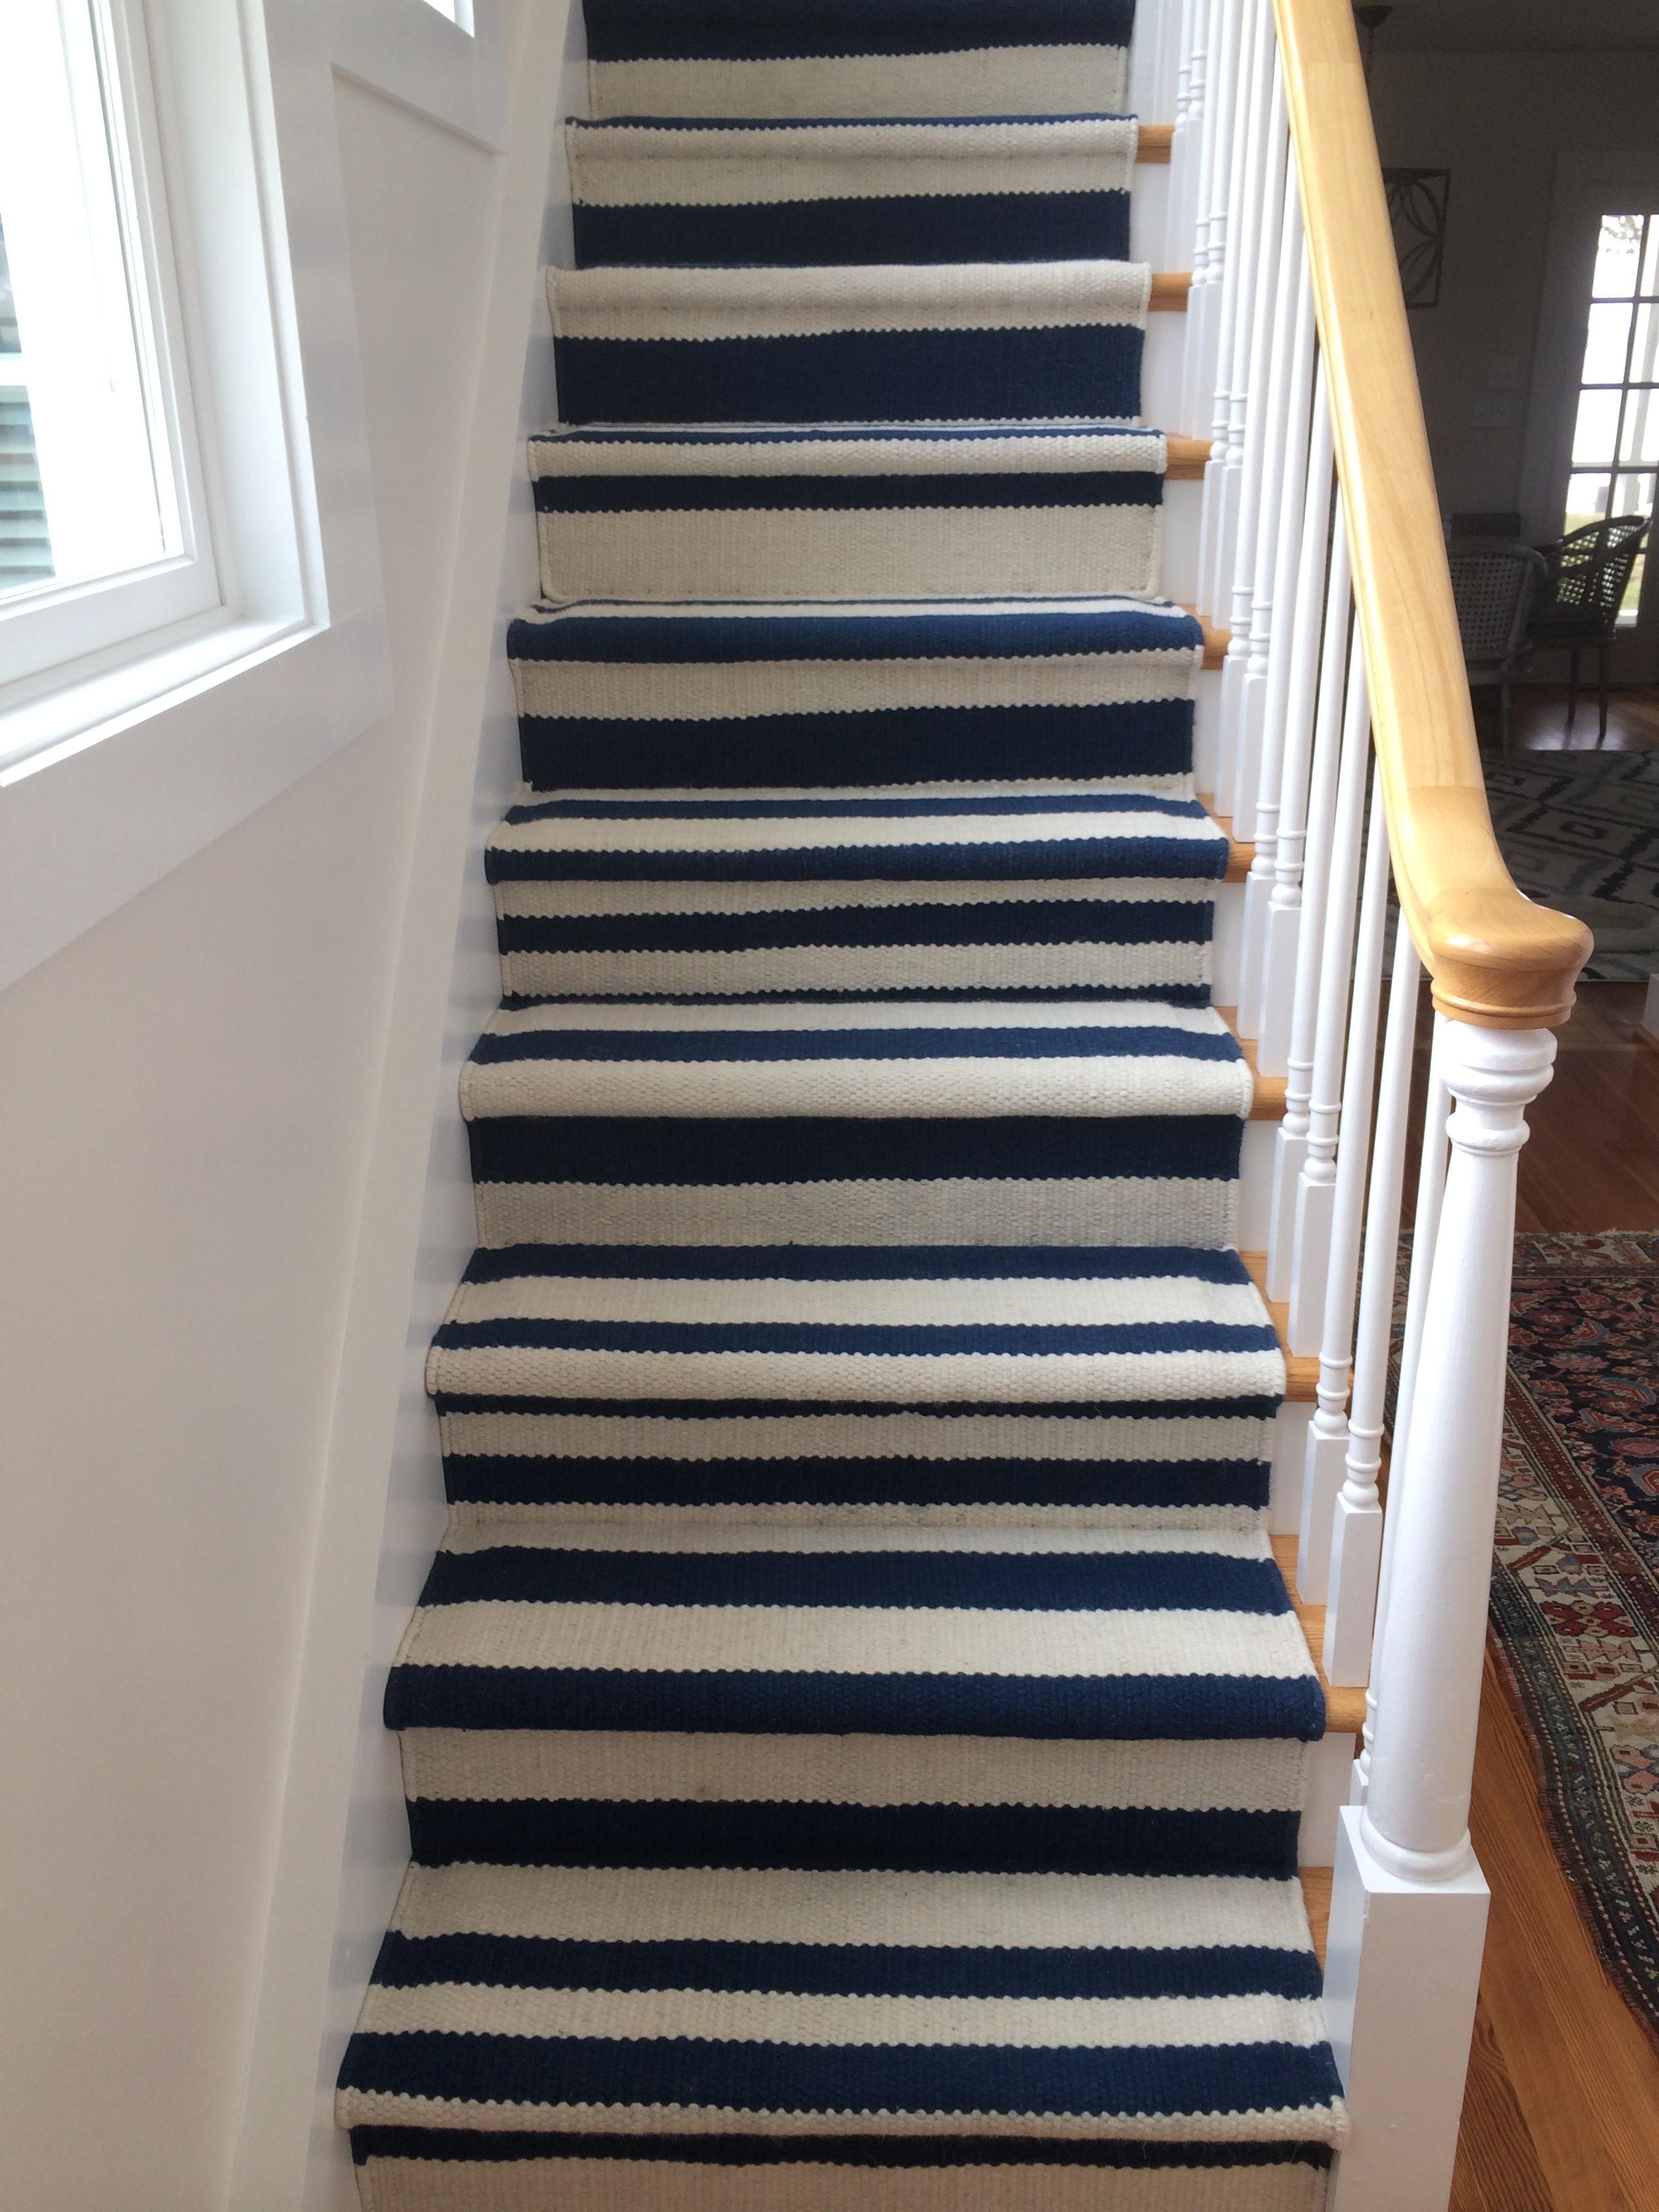 stair runner_2